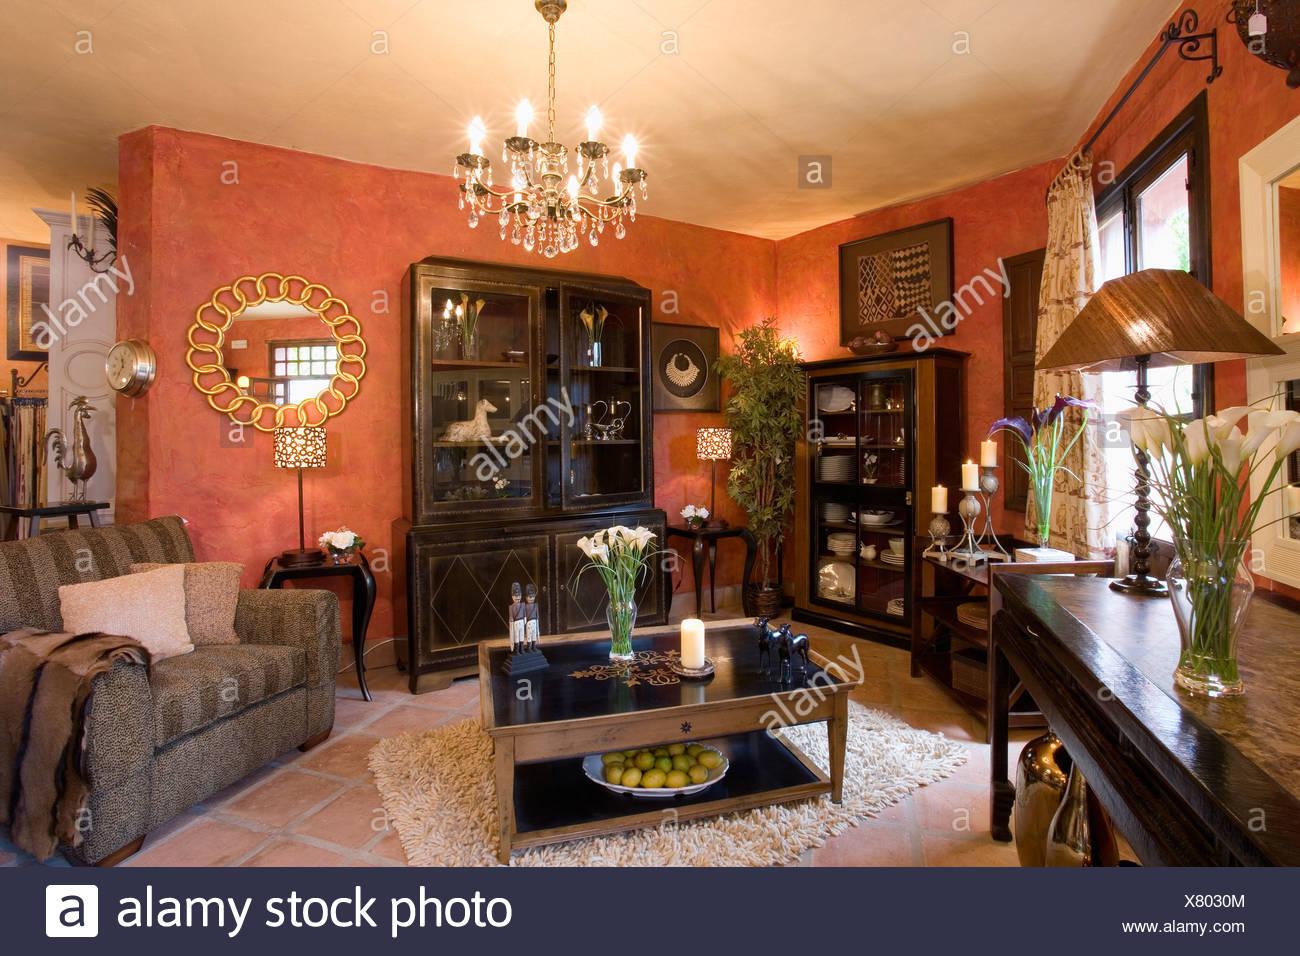 Arredamento marrone e moderno lampadario in spagnolo soggiorno con ...